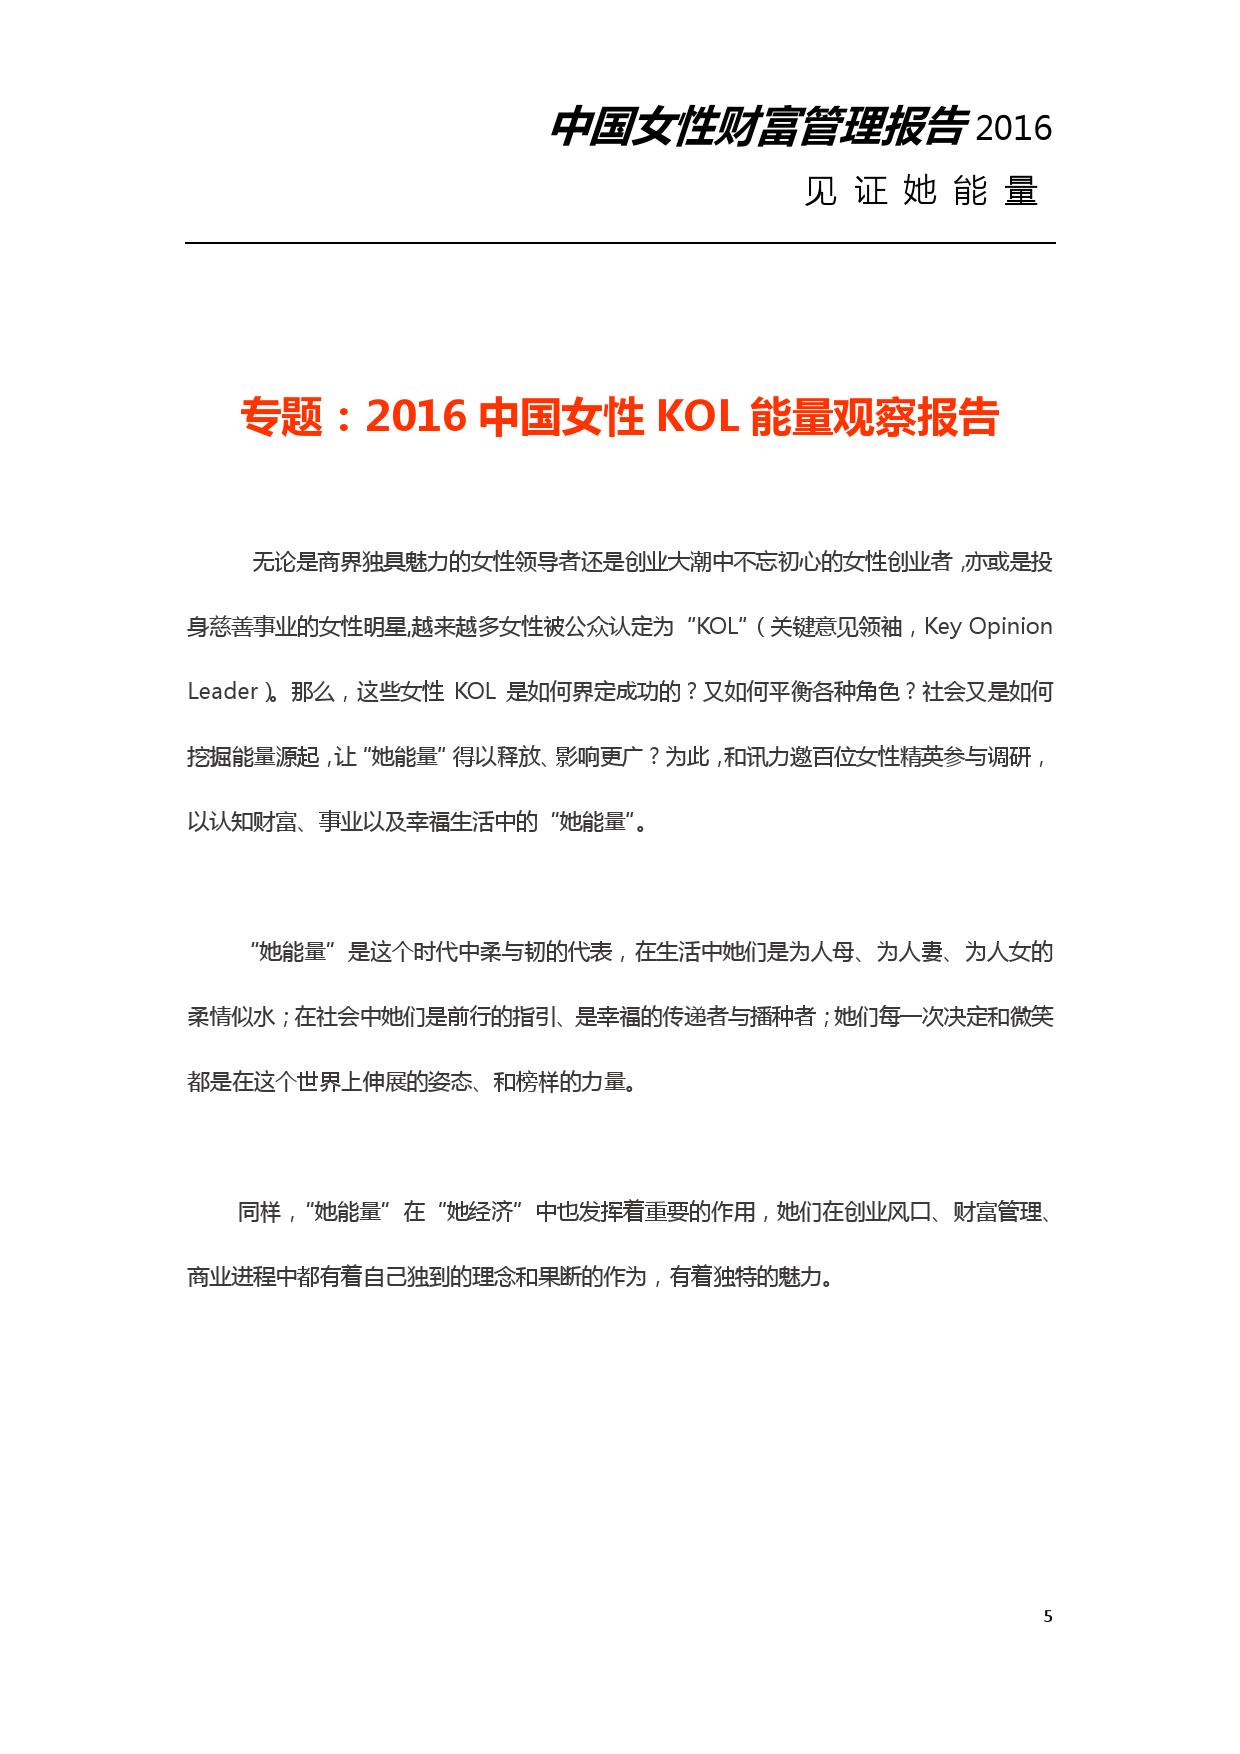 2016年中国女性财富管理报告_000005